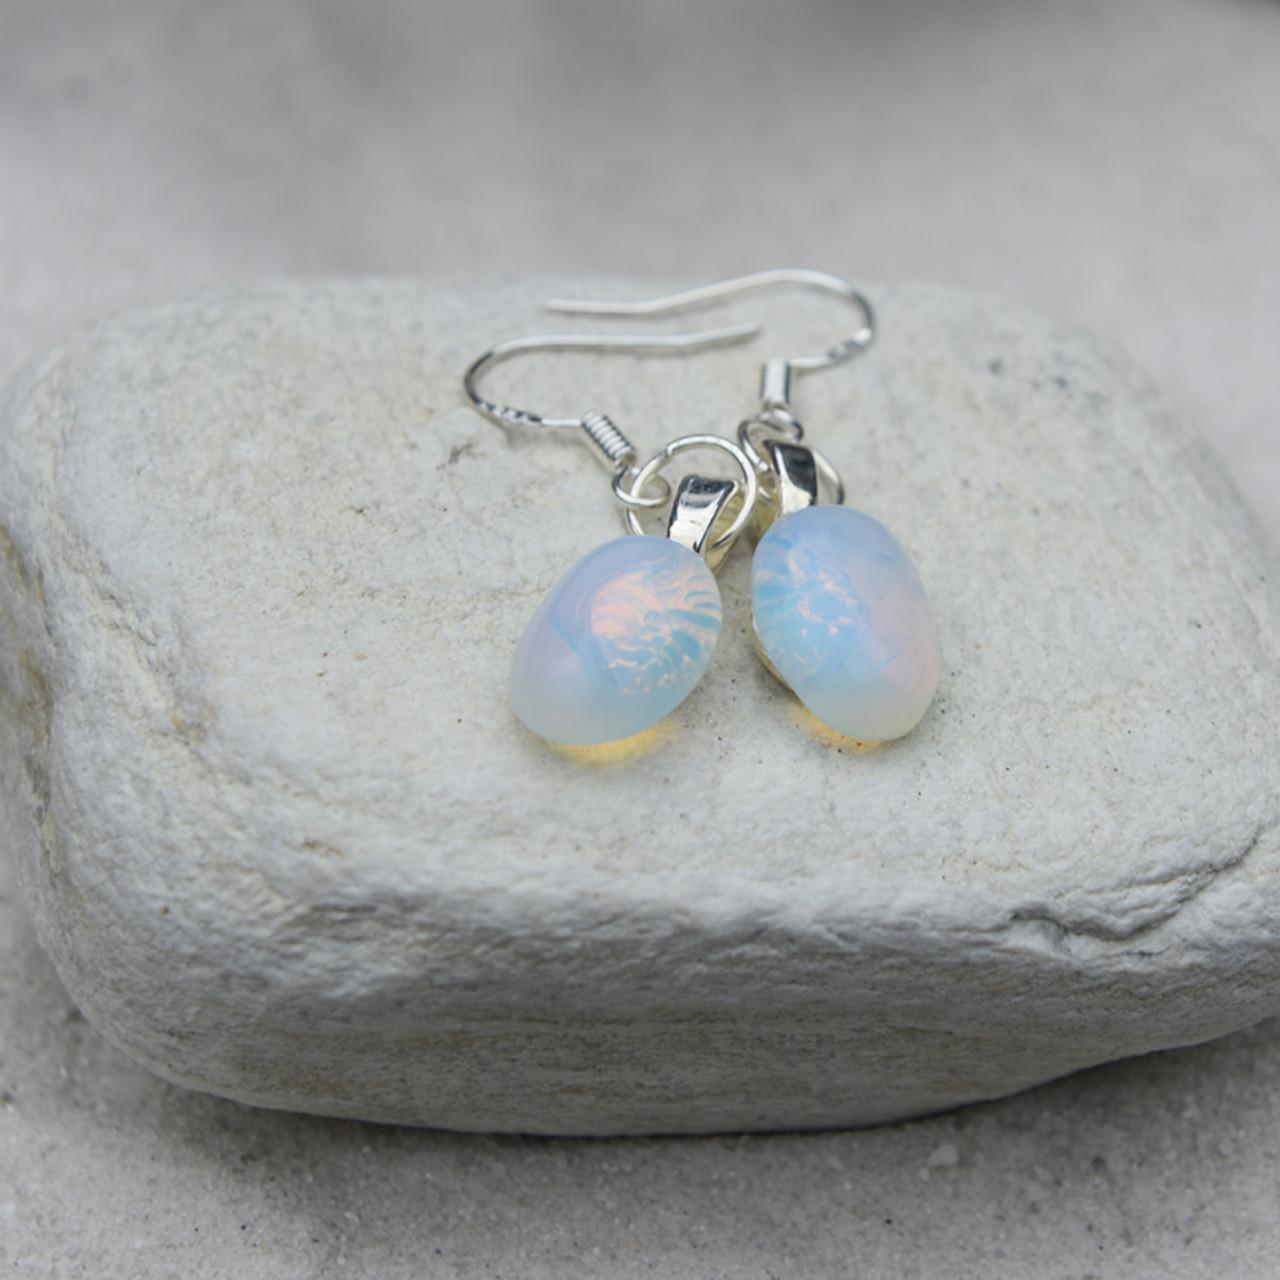 Oval Opalite Earrings